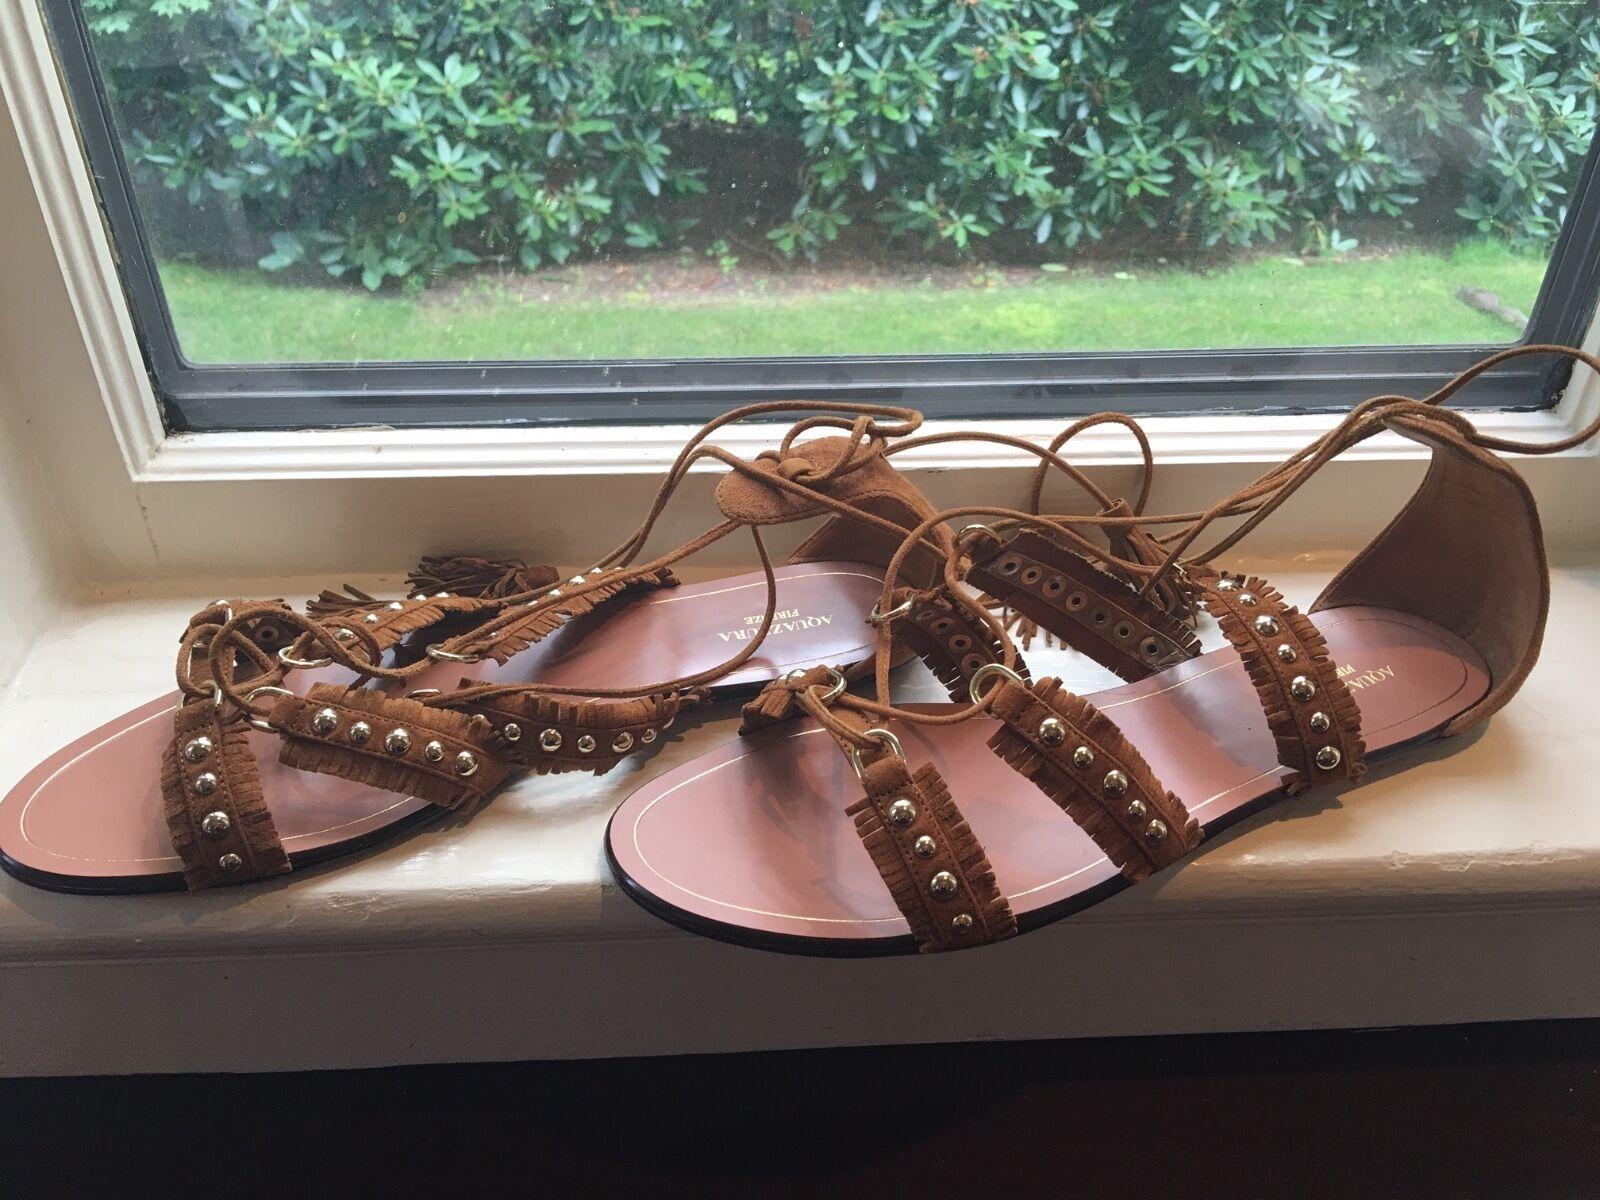 NIB Aquazzura Talum Lace-Up Sandals, As Seen on Kendall Jenner, Talla 41 11   650